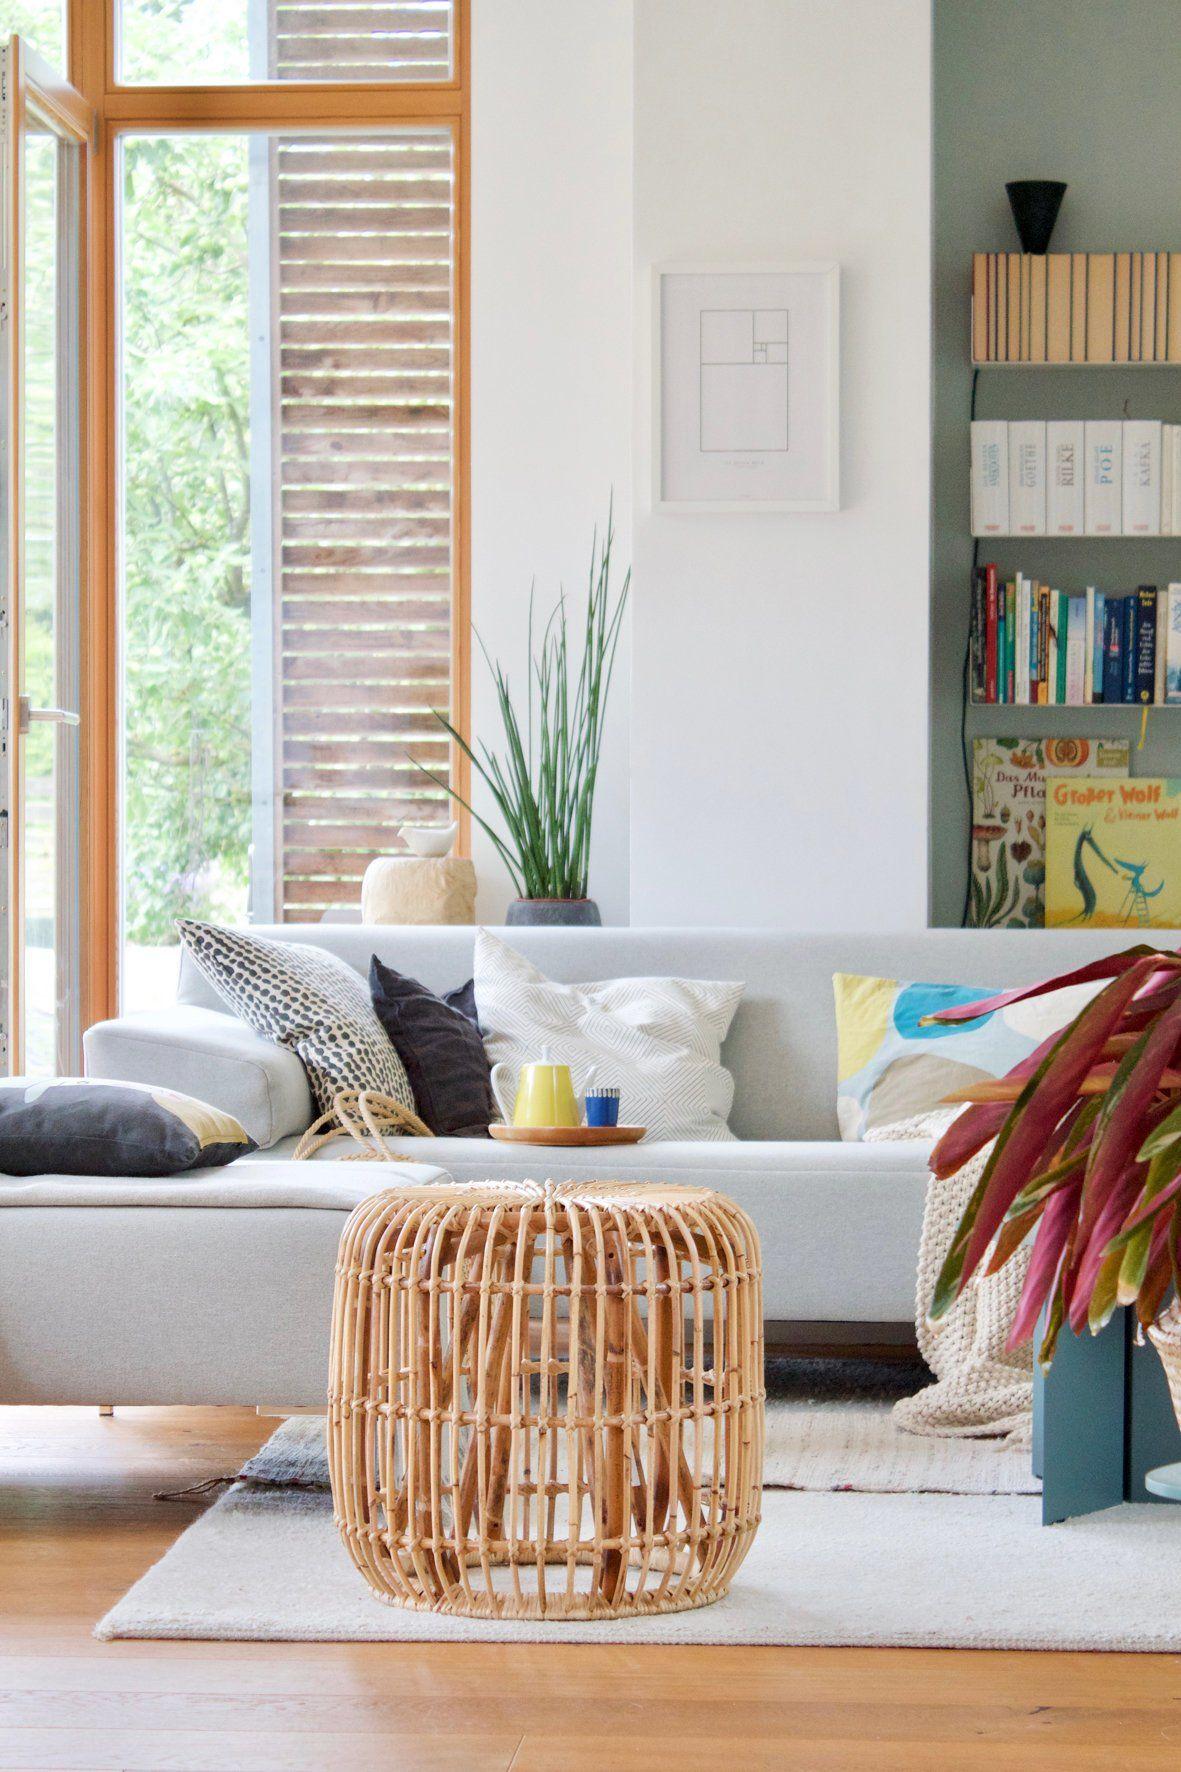 Die schönsten Wohnideen für dein Wohnzimmer - Seite 29